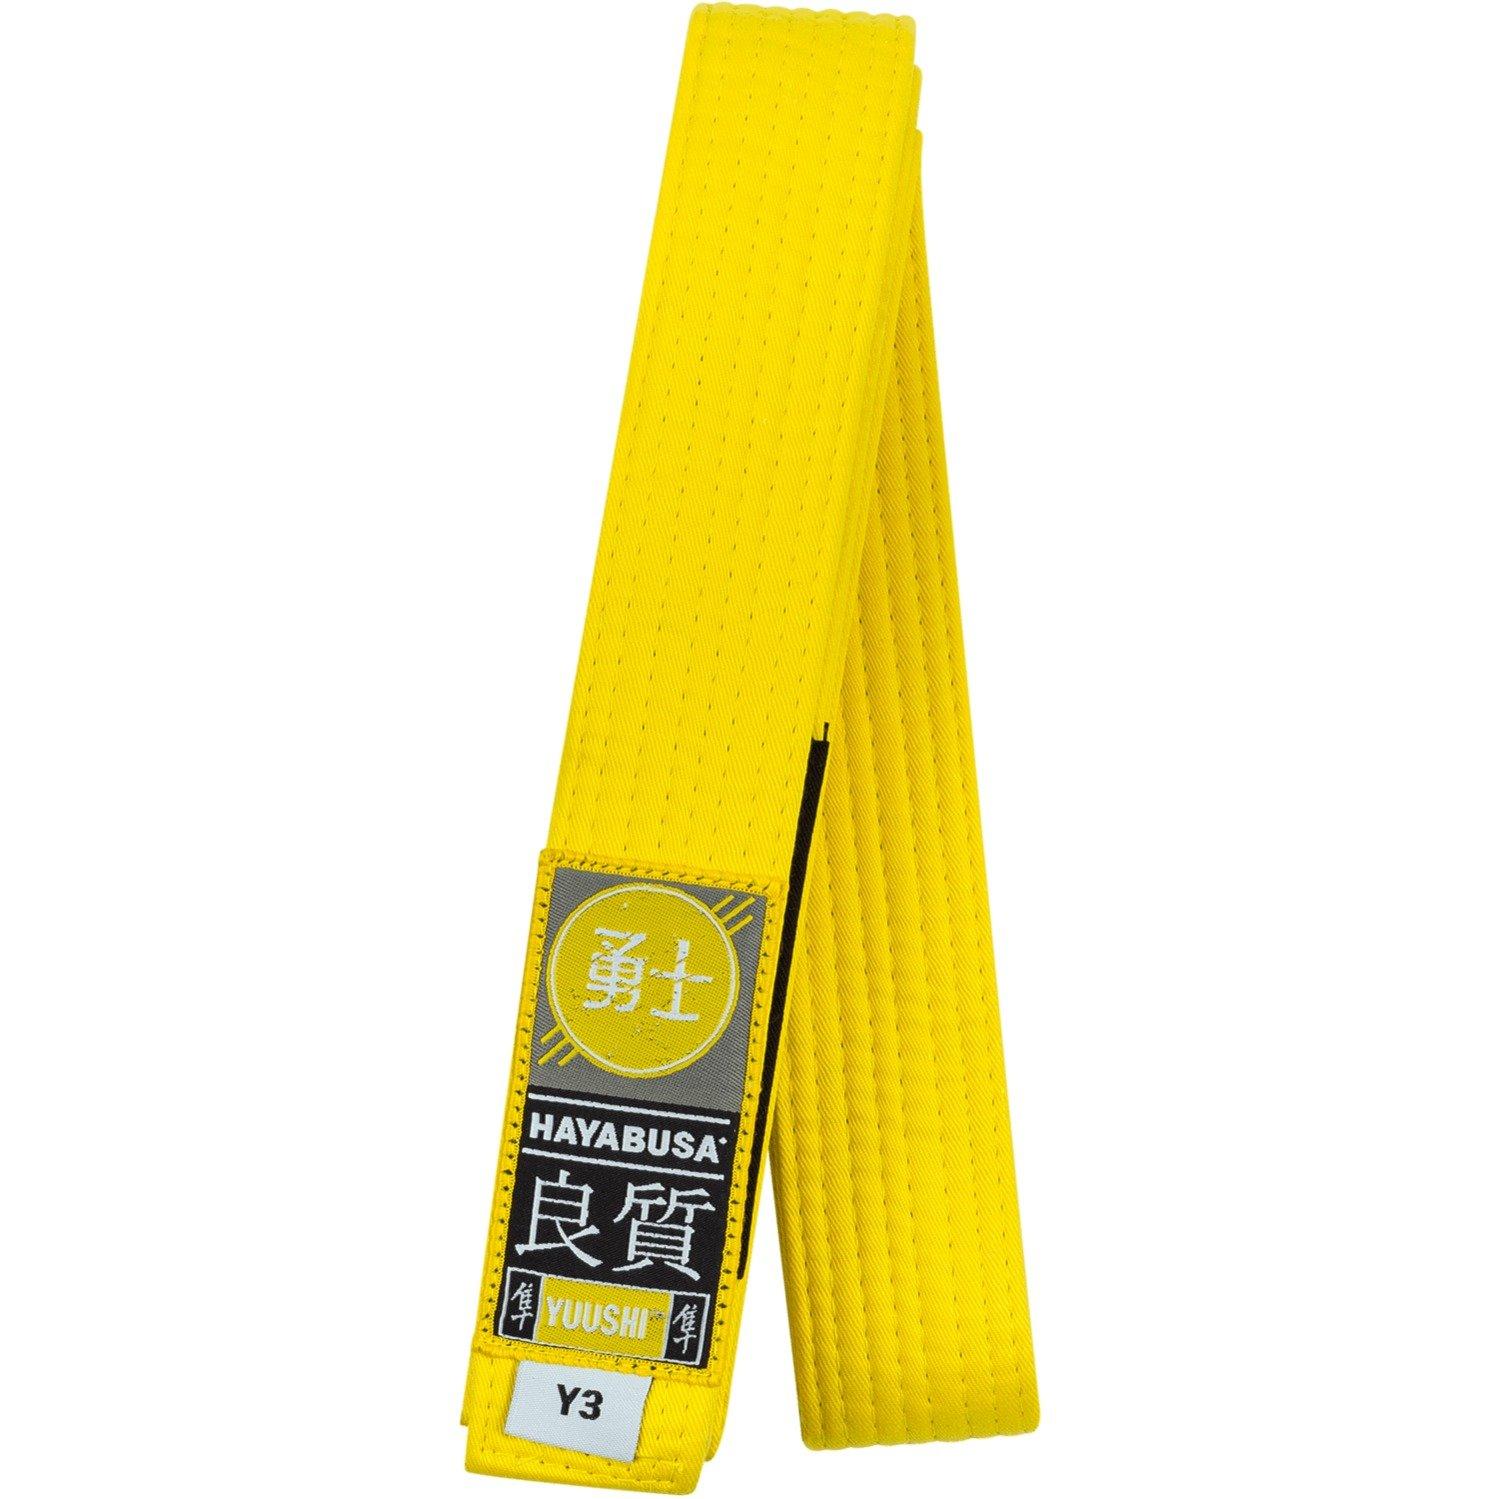 Hayabusa Cotton Youth Jiu Jitsu Belt, Yellow, Y3 by Hayabusa